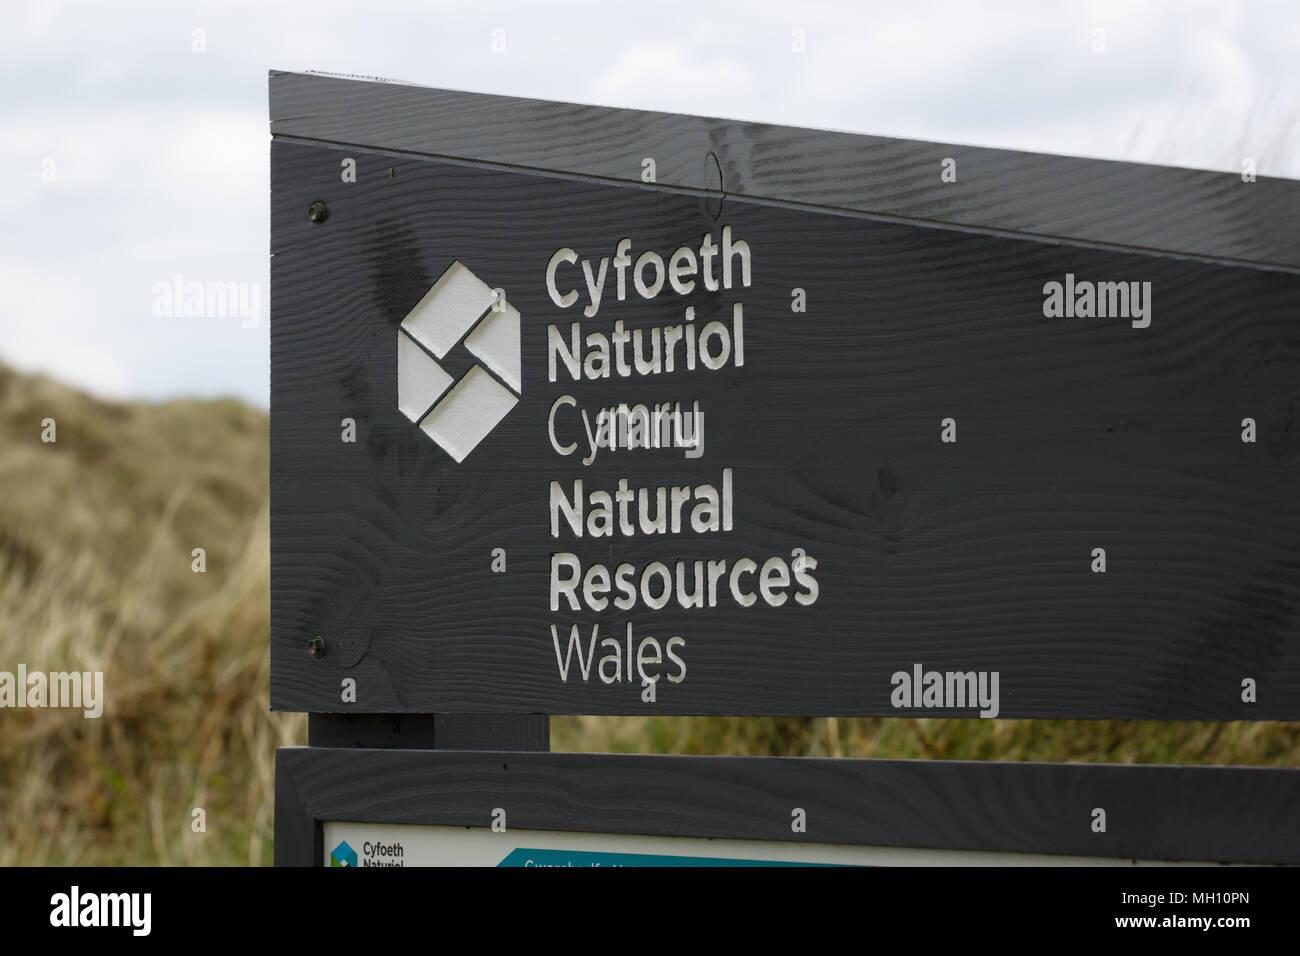 Les ressources naturelles du pays de Galles signe sur Harlech Beach. Un responsable de l'agence galloise pour l'environnement et des ressources naturelles du pays de Galles Photo Stock